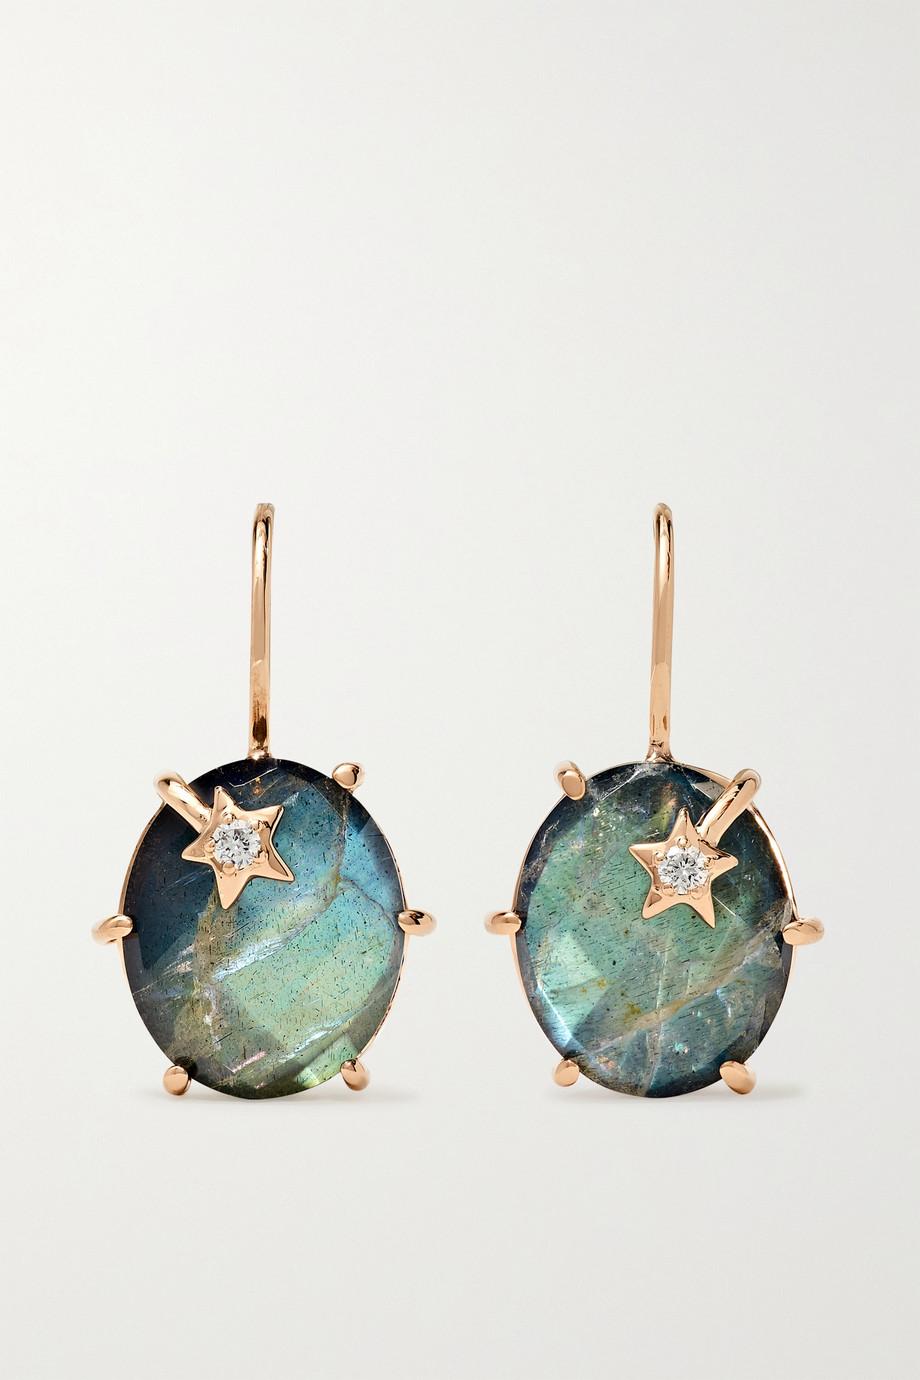 Andrea Fohrman Boucles d'oreilles en or rose 18 carats, labradorites et diamants Mini Galaxy